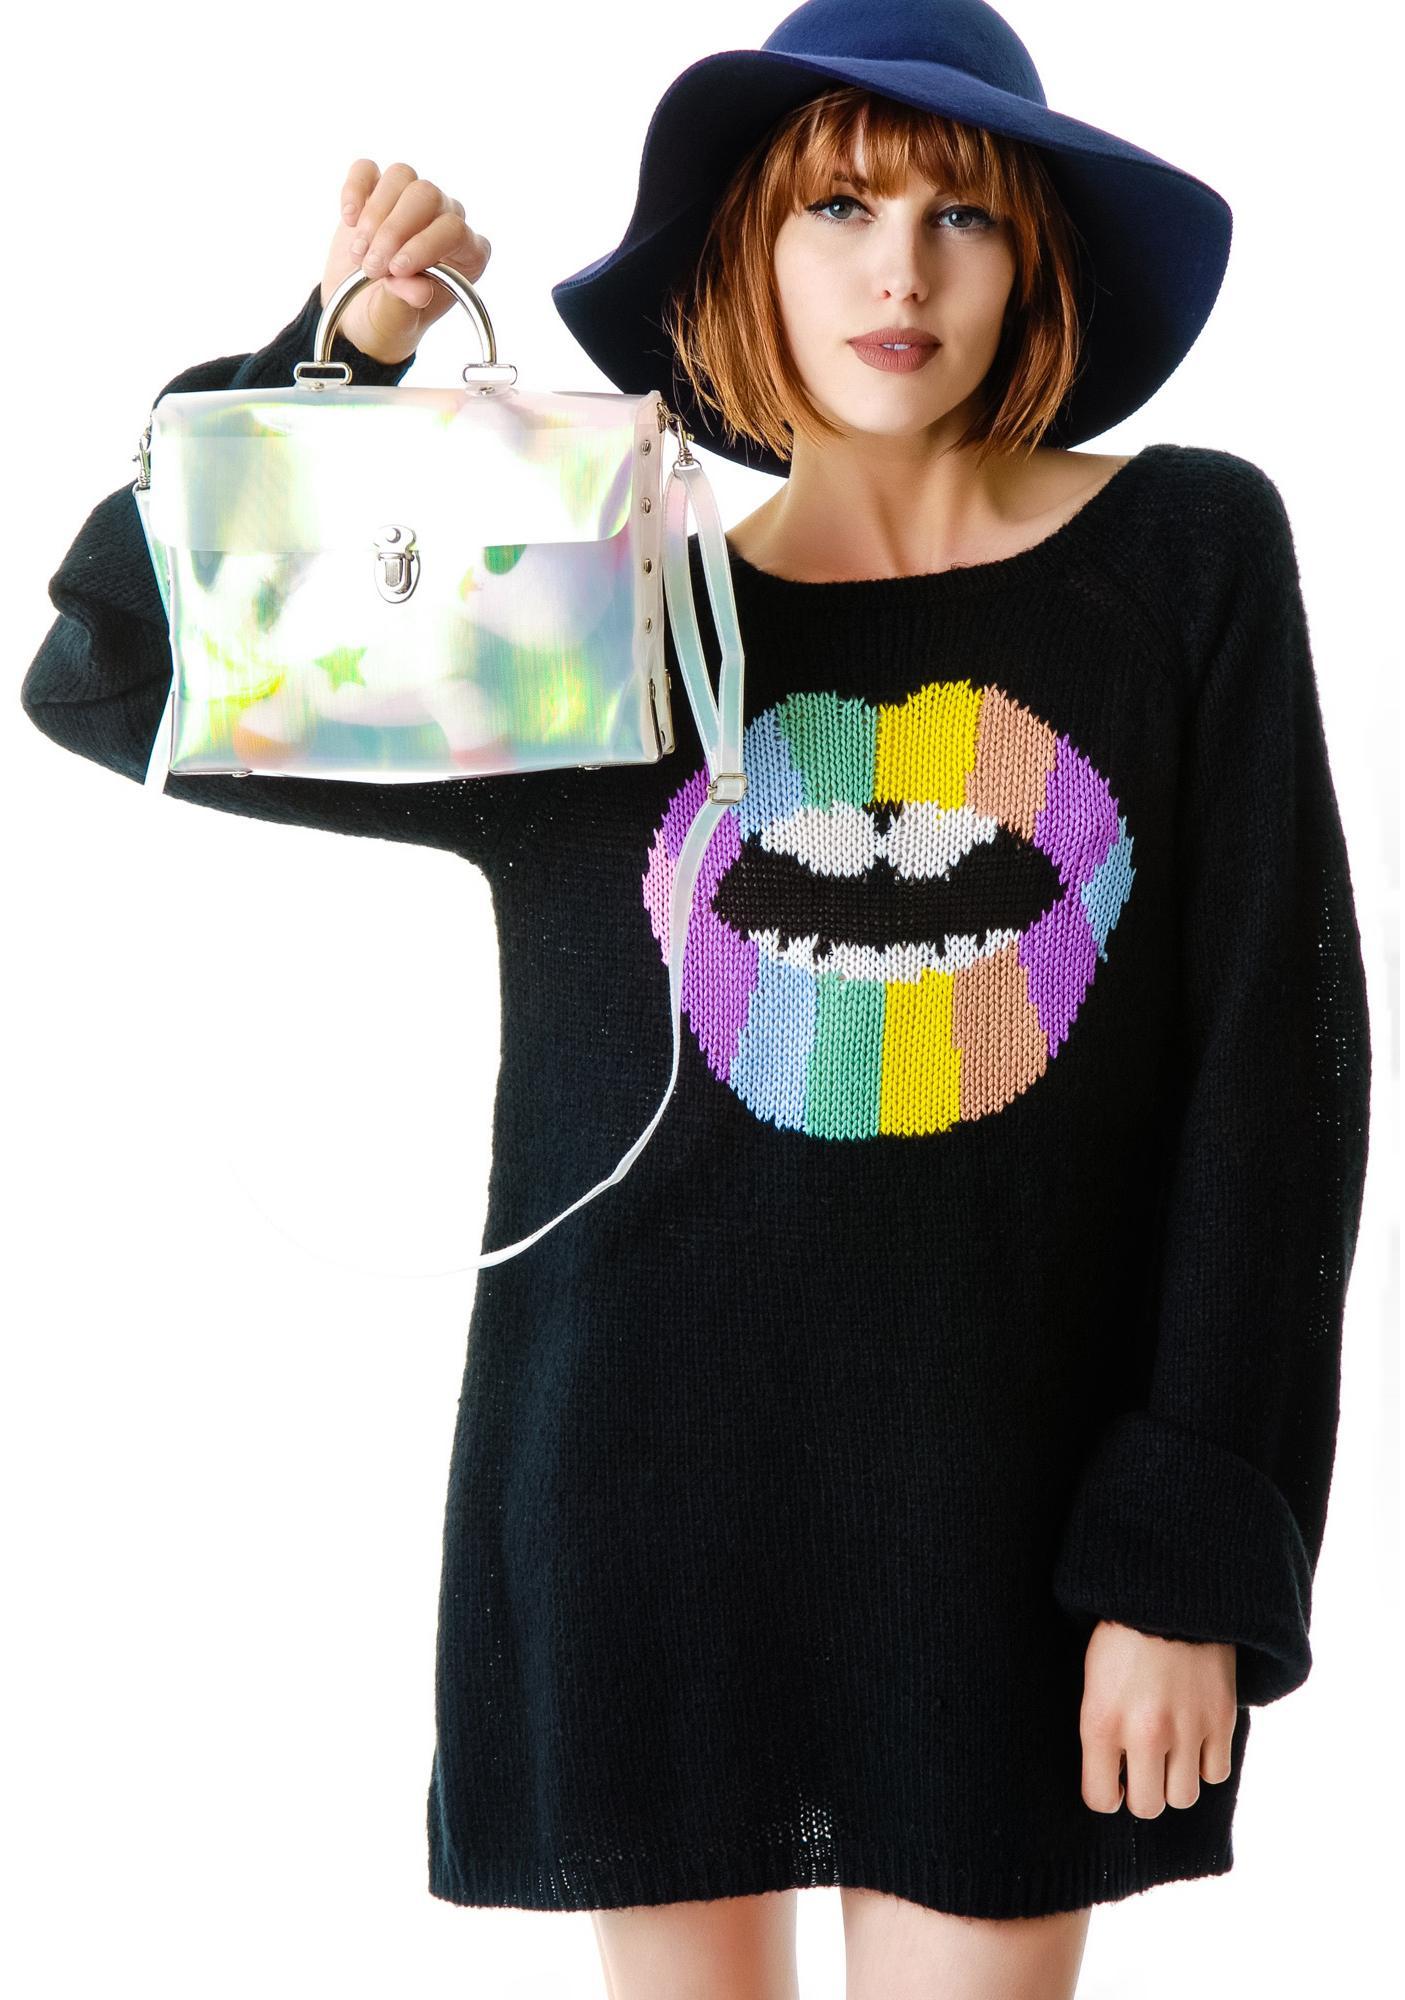 UNIF Spectrum Bag